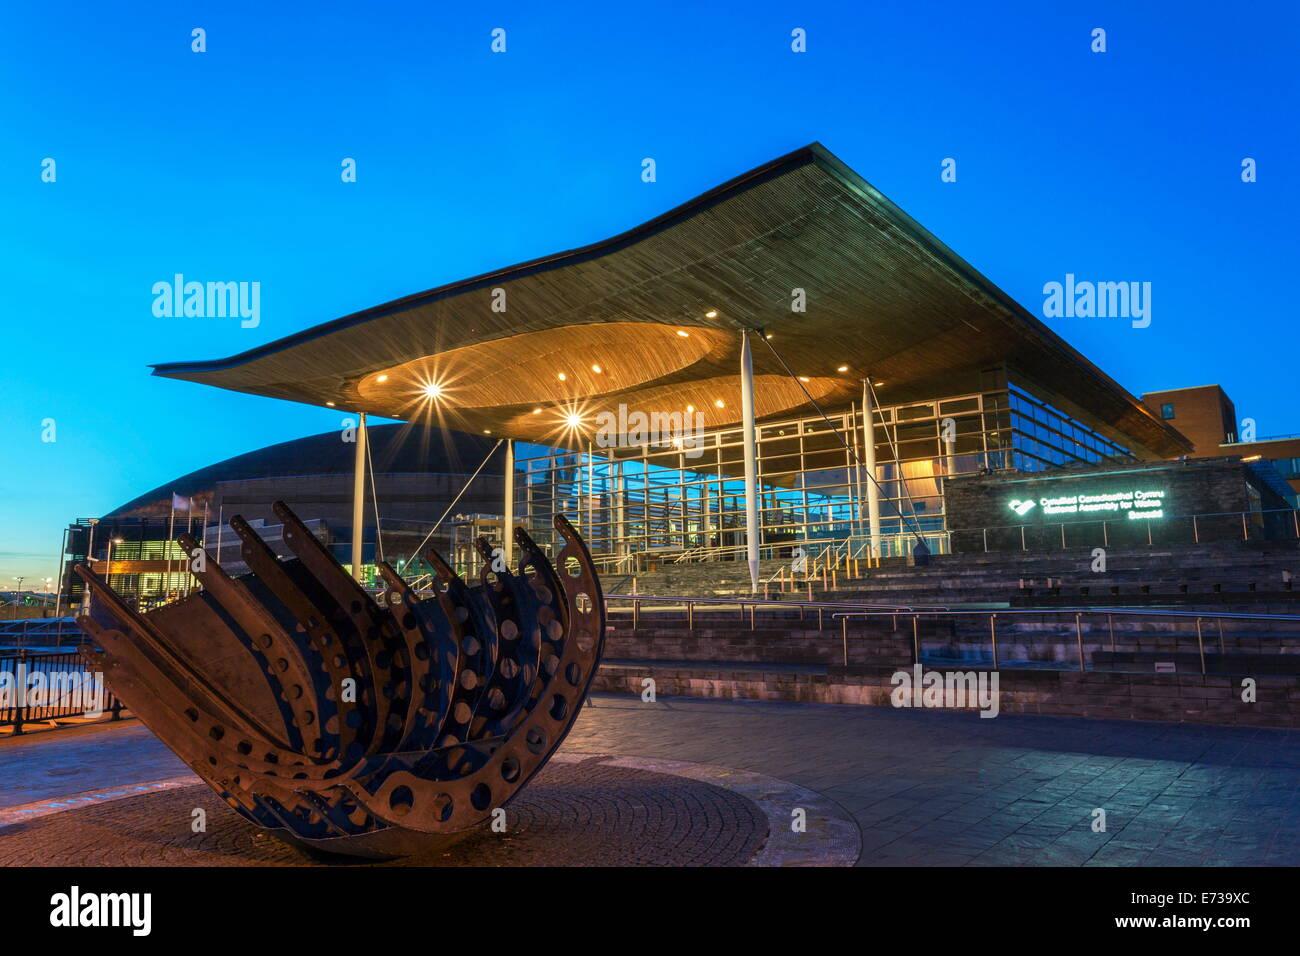 Welsh Assembly (Senedd), Cardiff Bay, Wales, United Kingdom, Europe Stock Photo